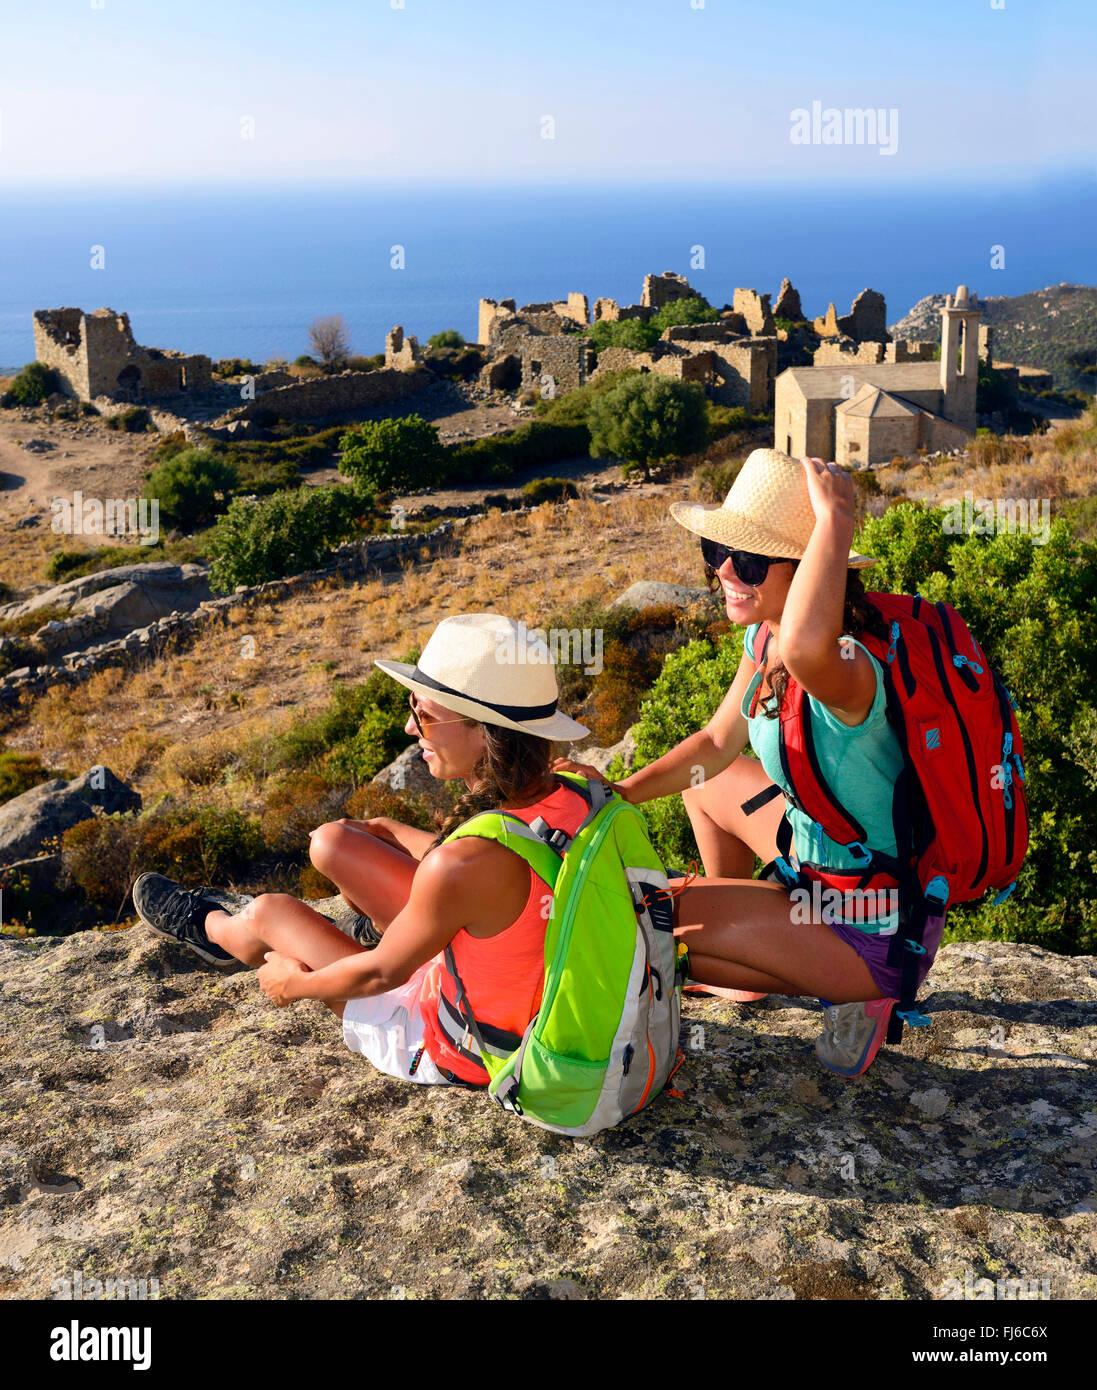 Dos mujeres excursionistas tomando un descanso, en el fondo el pueblo abandonado ruinas de Occi, Francia, Córcega Imagen De Stock